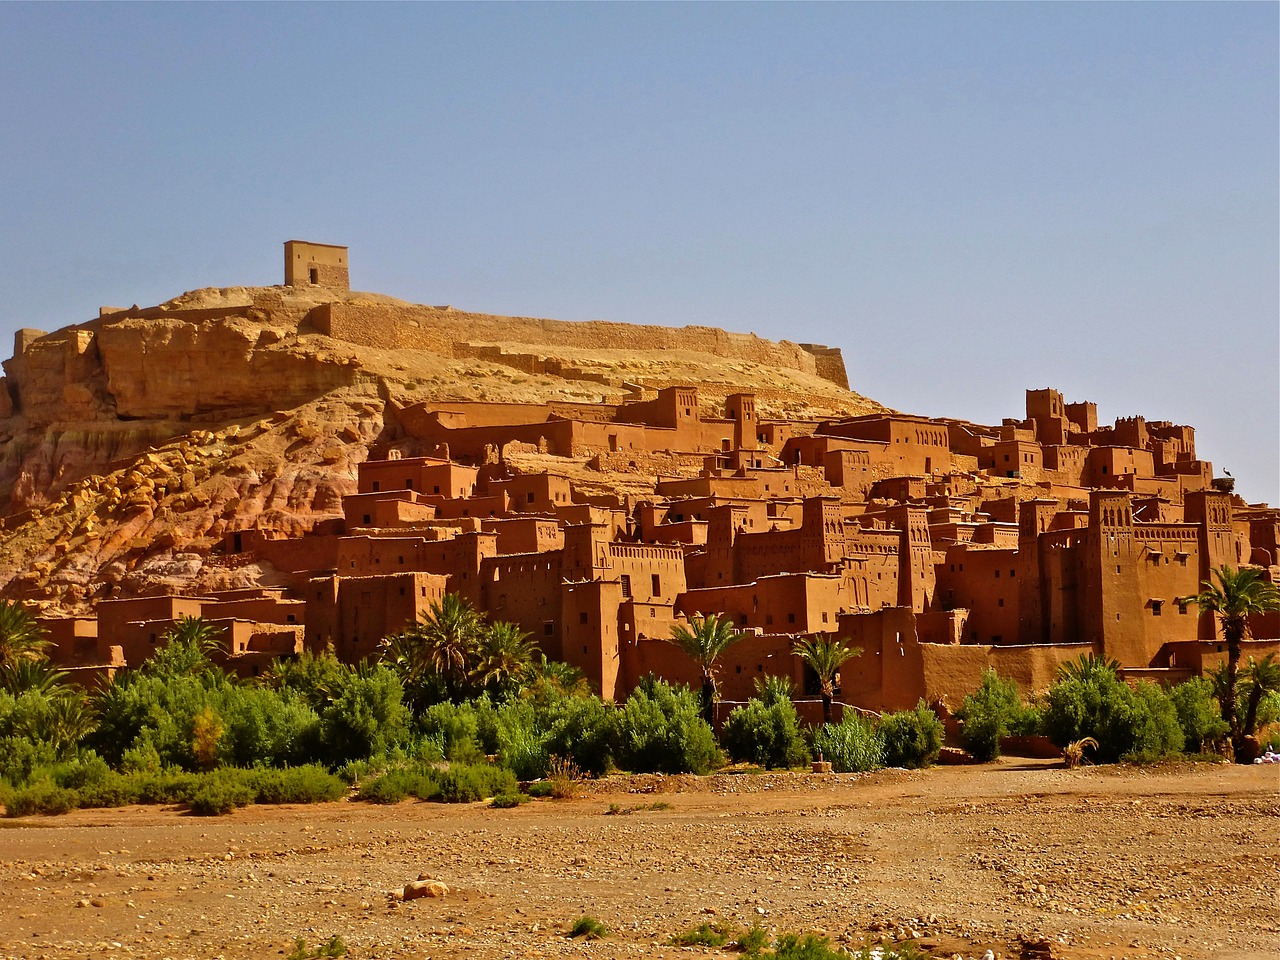 Moja relacja z wyjazdu do Maroka